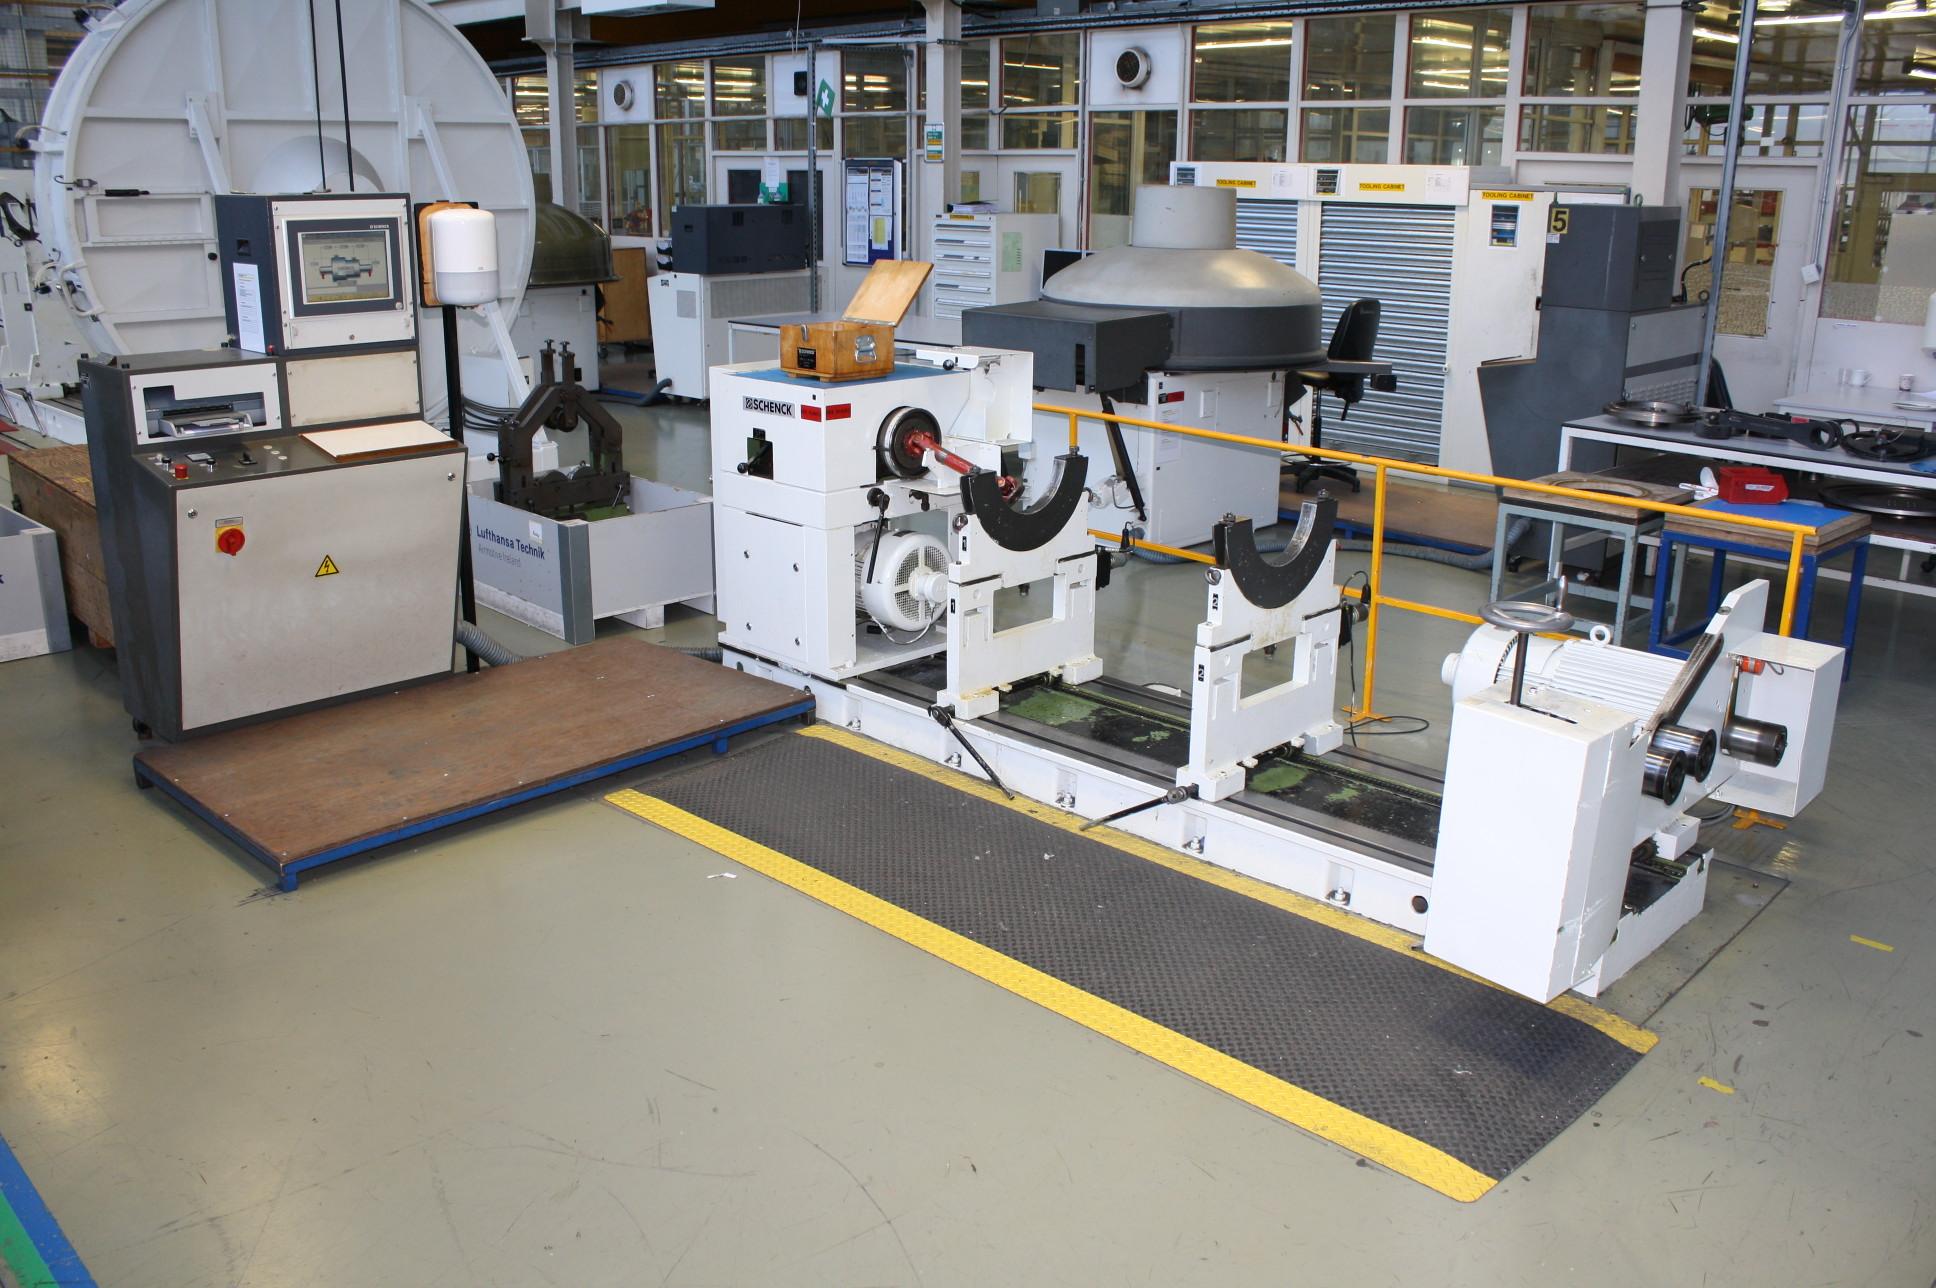 schenck balancing machine parts